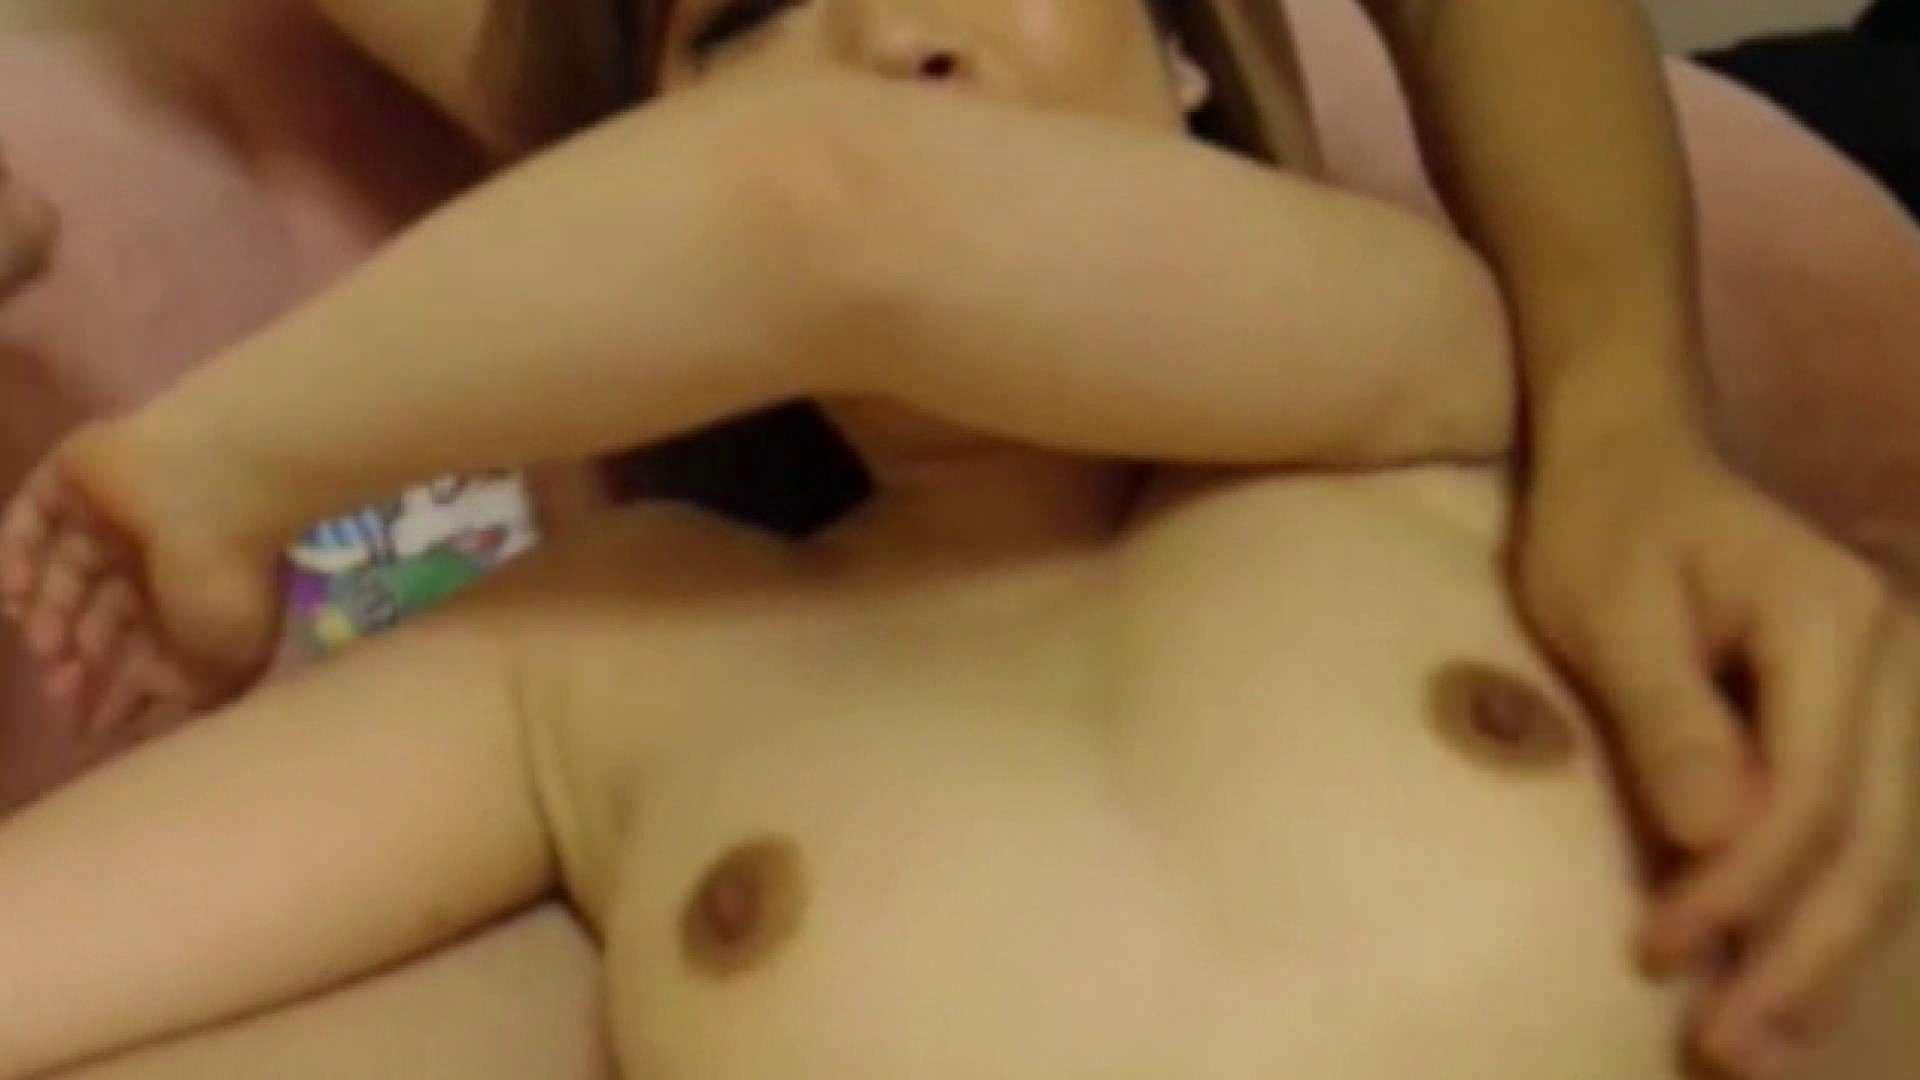 おしえてギャル子のH塾 Vol.02 後編 フェラチオ映像 AV無料動画キャプチャ 110pic 109